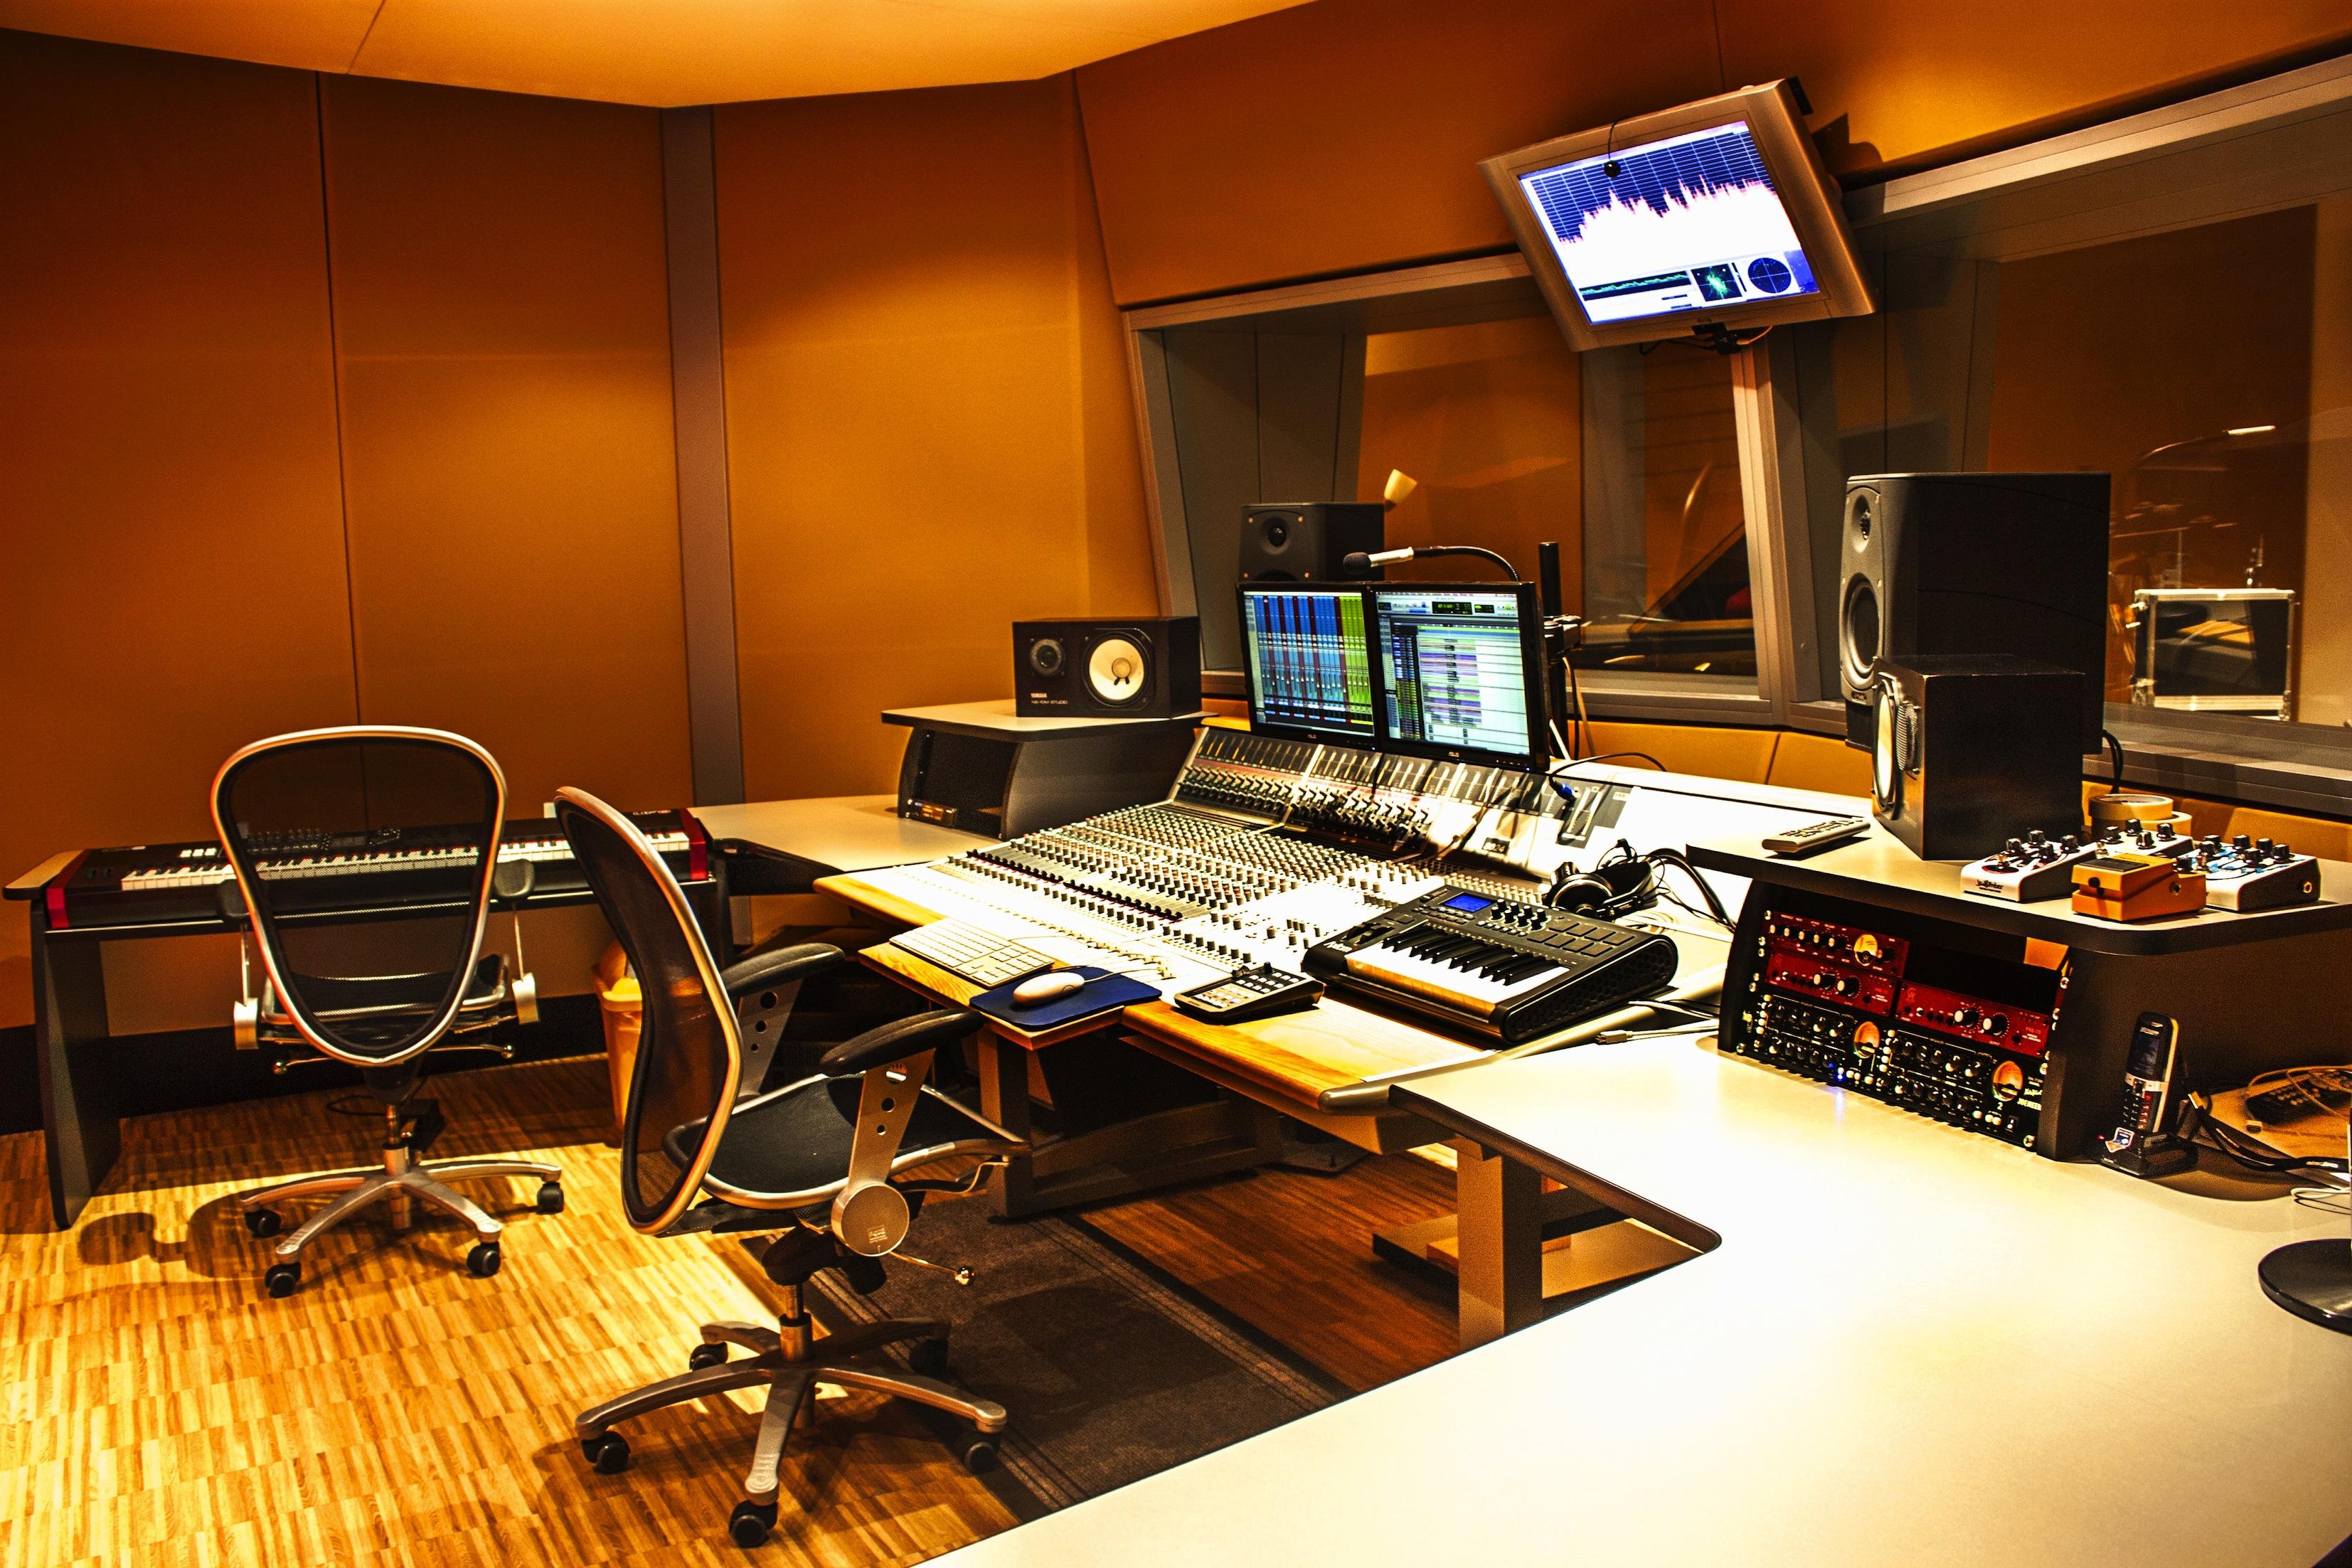 Santorso la sala musicale diventa studio di registrazione - Sala insonorizzata ...